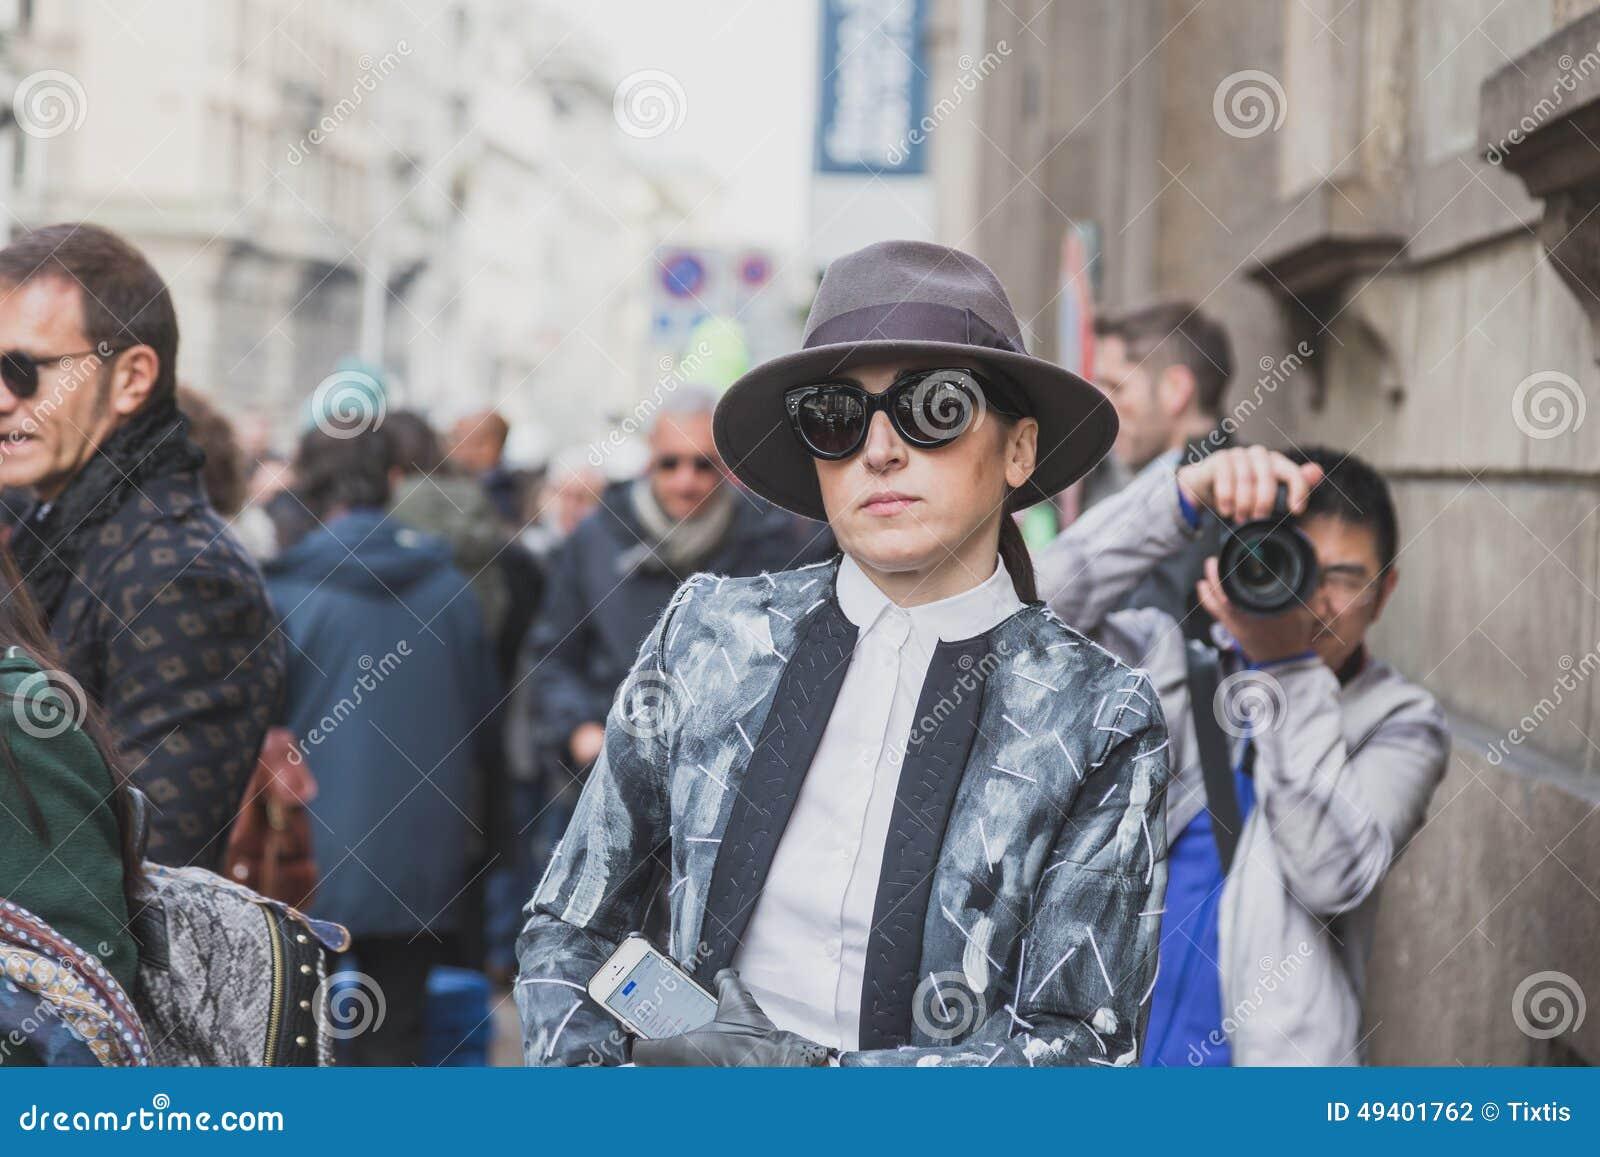 Download Leute Außerhalb Des Cavalli-Modeschaugebäudes Für Milan Mens Mode-Woche 2015 Redaktionelles Stockfotografie - Bild von kleidung, außen: 49401762